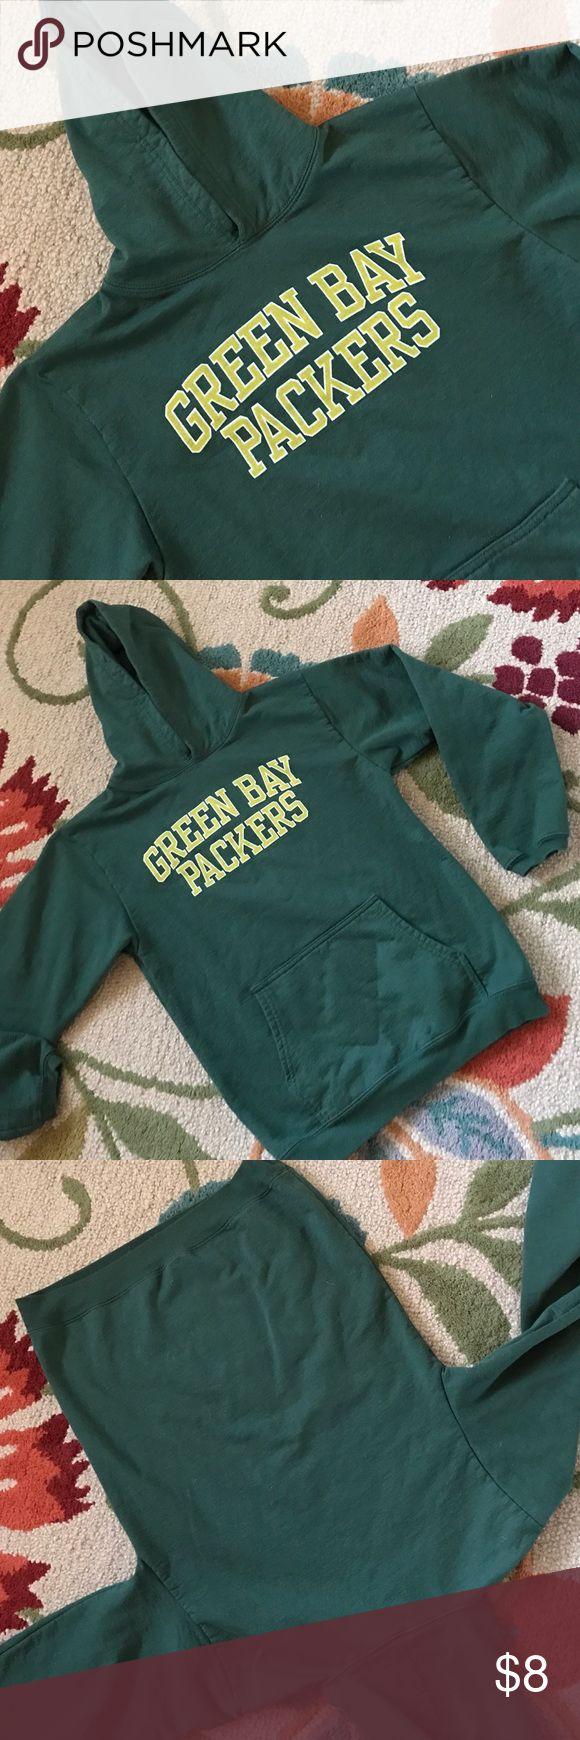 Green Bay Packers hoodie Pullover hoodie Reebok Shirts & Tops Sweatshirts & Hoodies